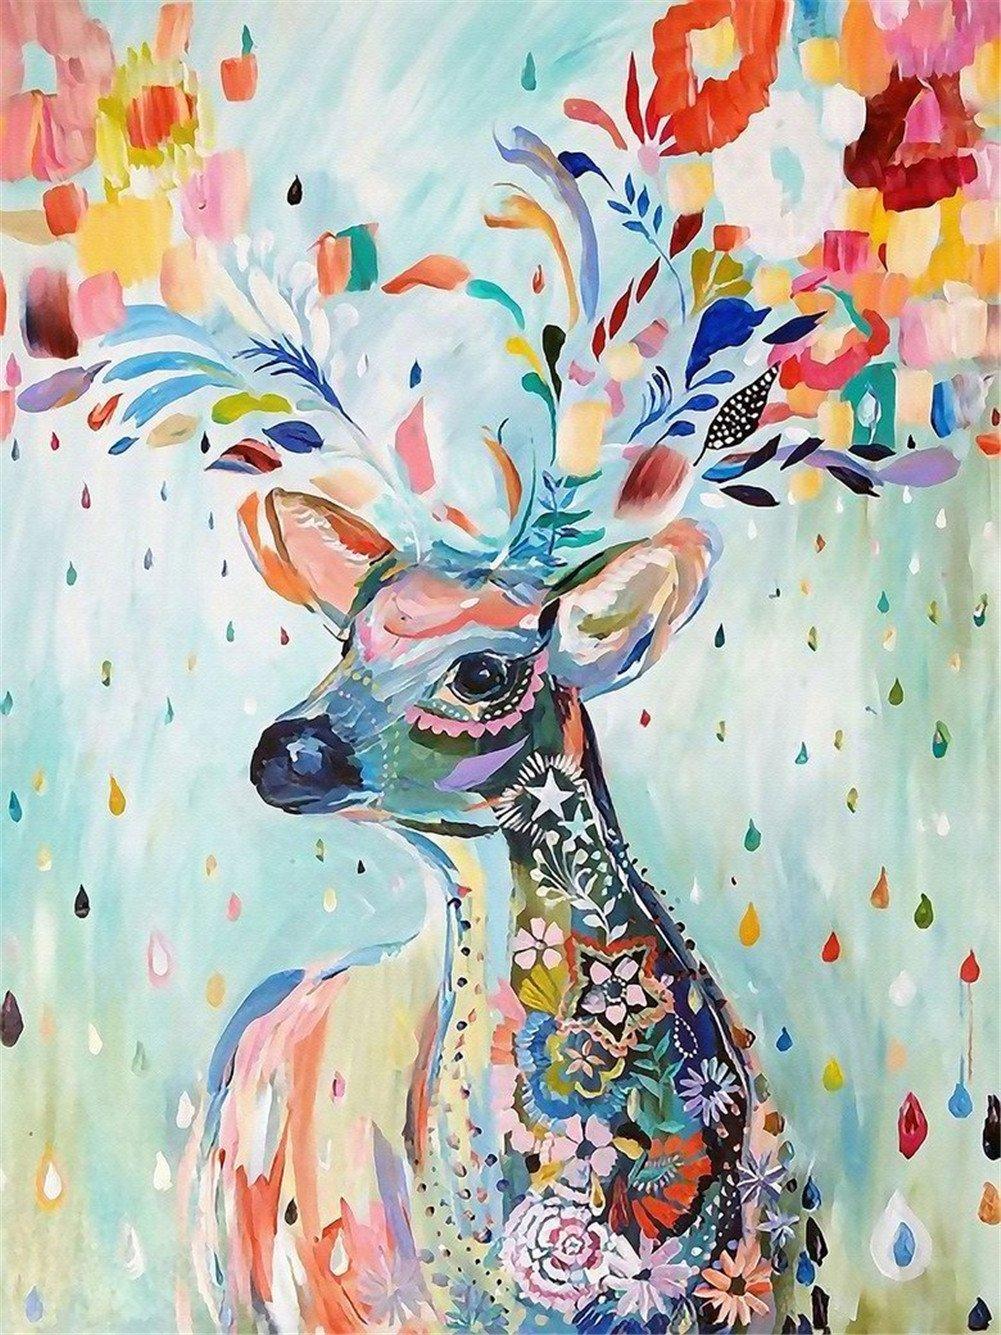 【希少!!】 Queenie カラフルなアートワーク B07DWV4FRR 鹿の油絵 木製ジグソーパズル 1000ピース Queenie 仕上がりサイズ 30インチx20インチ 鹿の油絵 バスウッドプレミアム品質 B07DWV4FRR, Feelgood Shop:a4bf1fce --- a0267596.xsph.ru